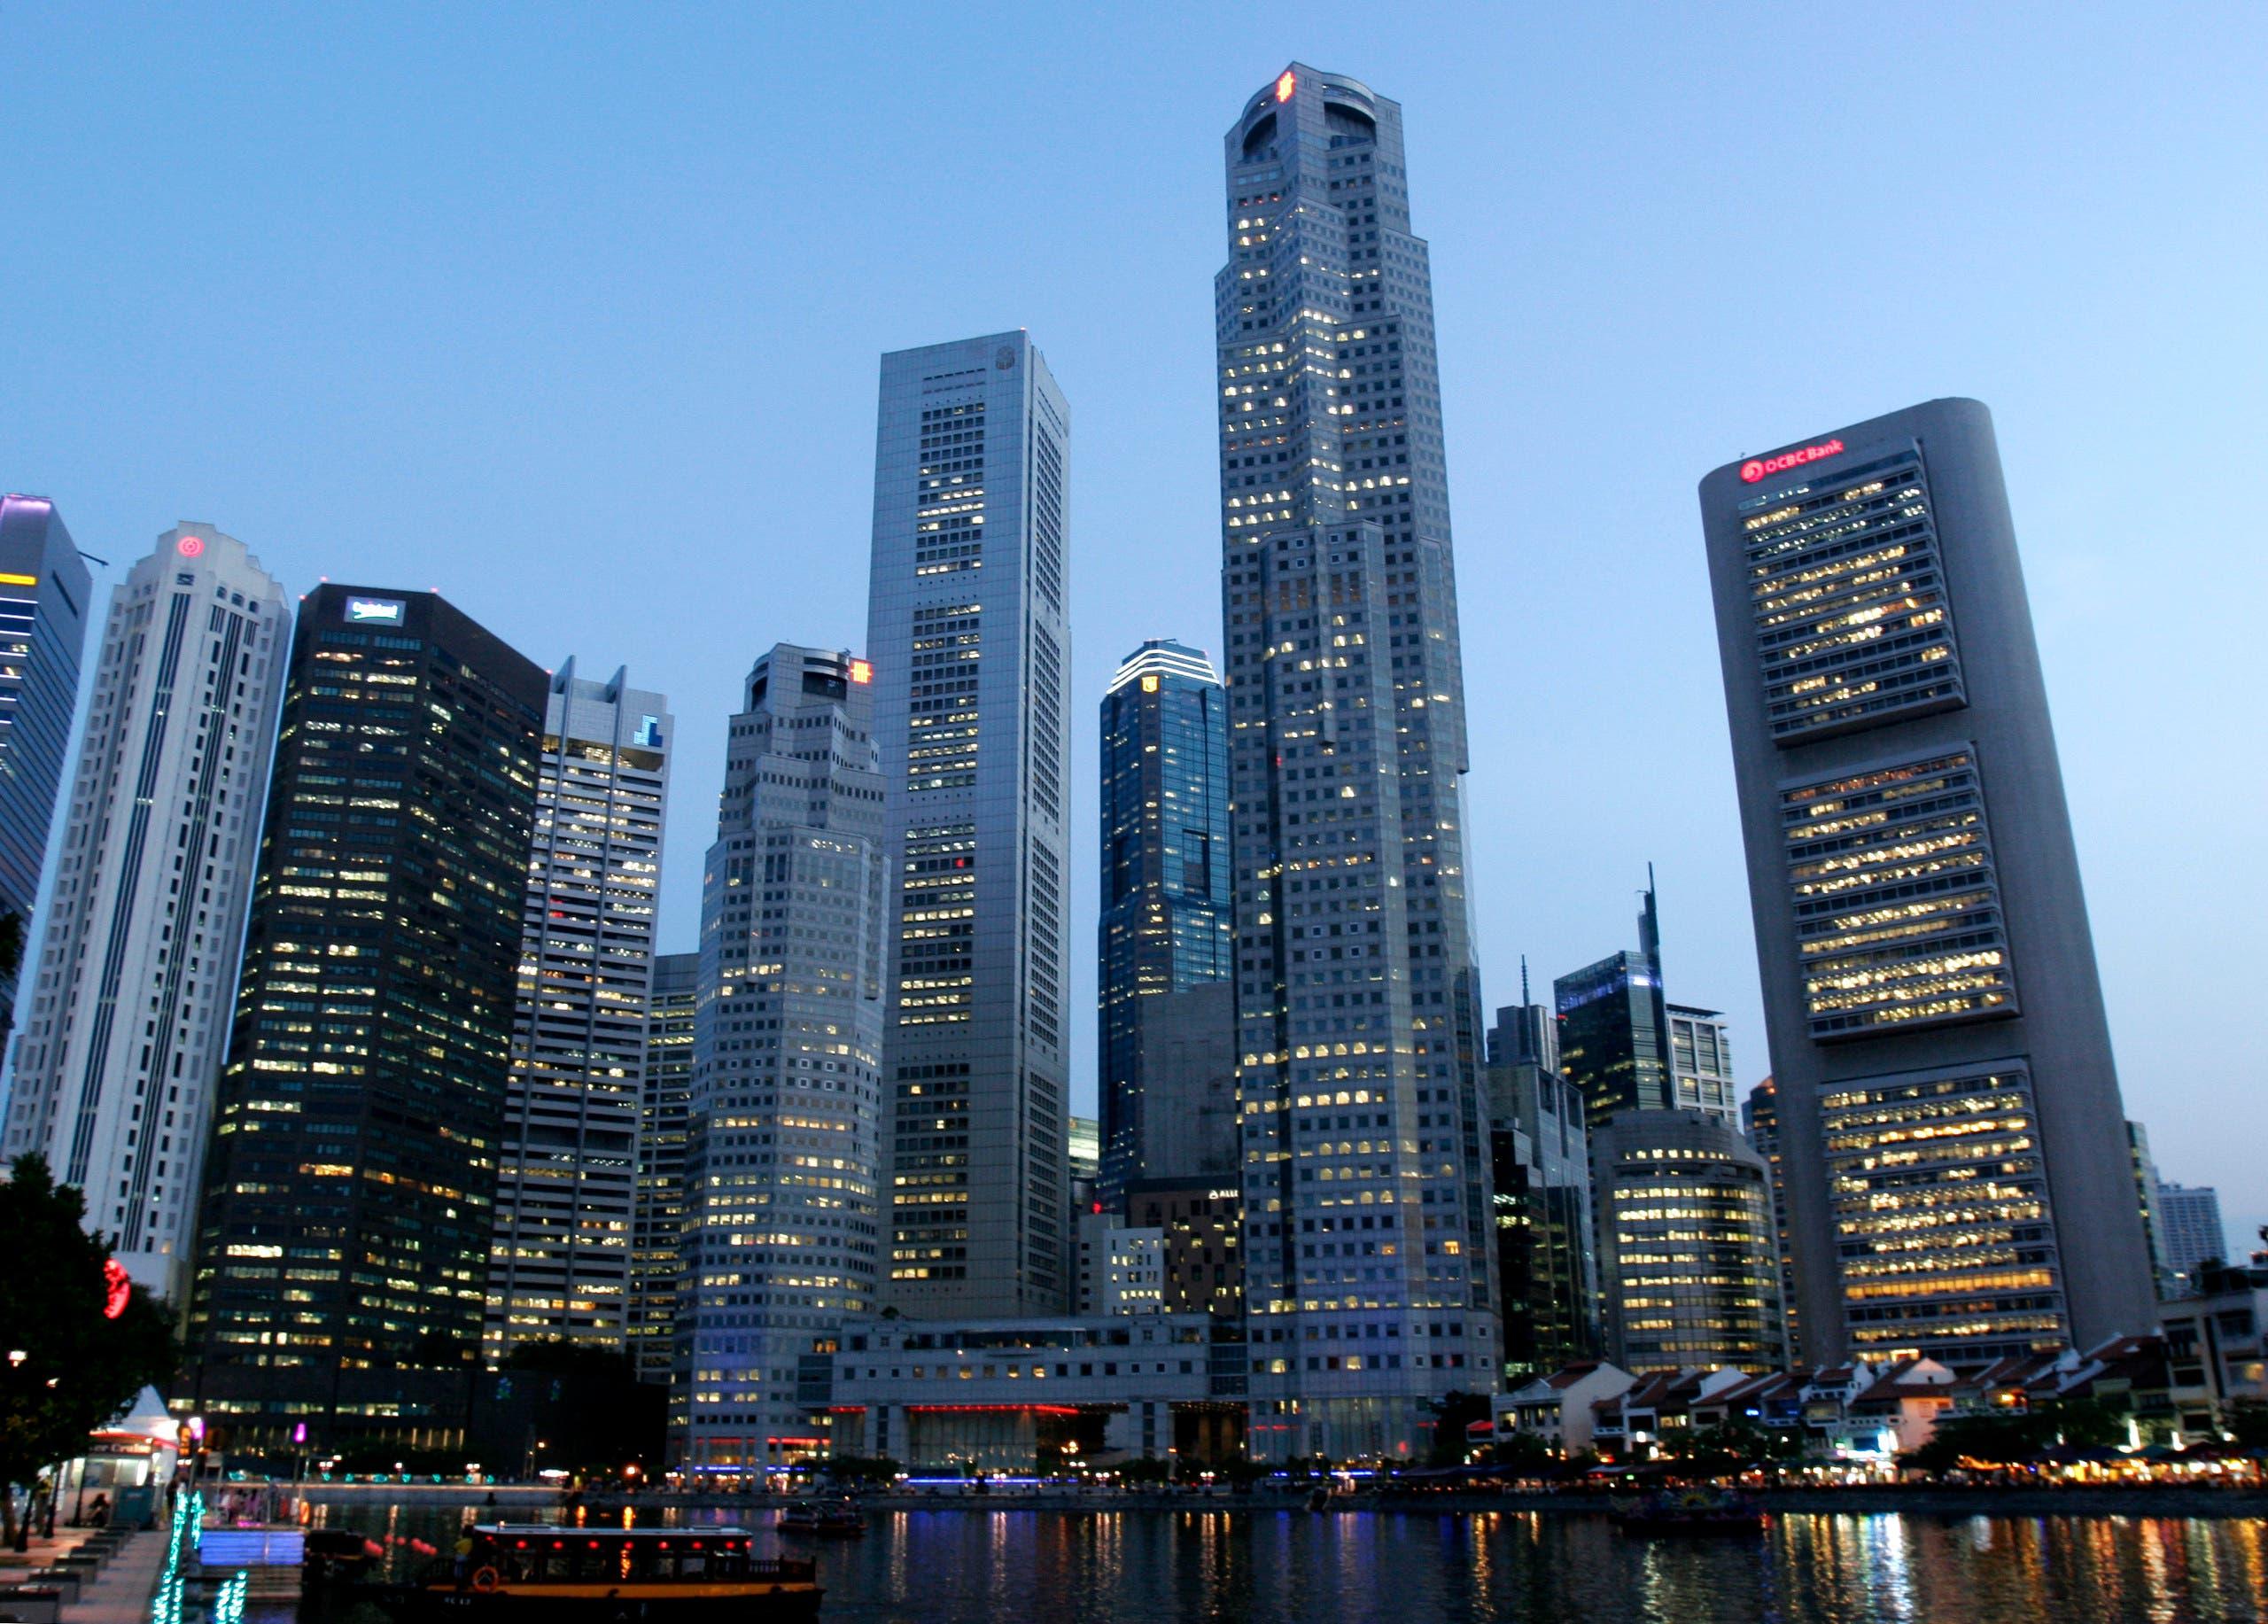 العملاق التجاري الجديد مقبل من آسيا .. الصورة لمجمع الأعمال في سنغافورة